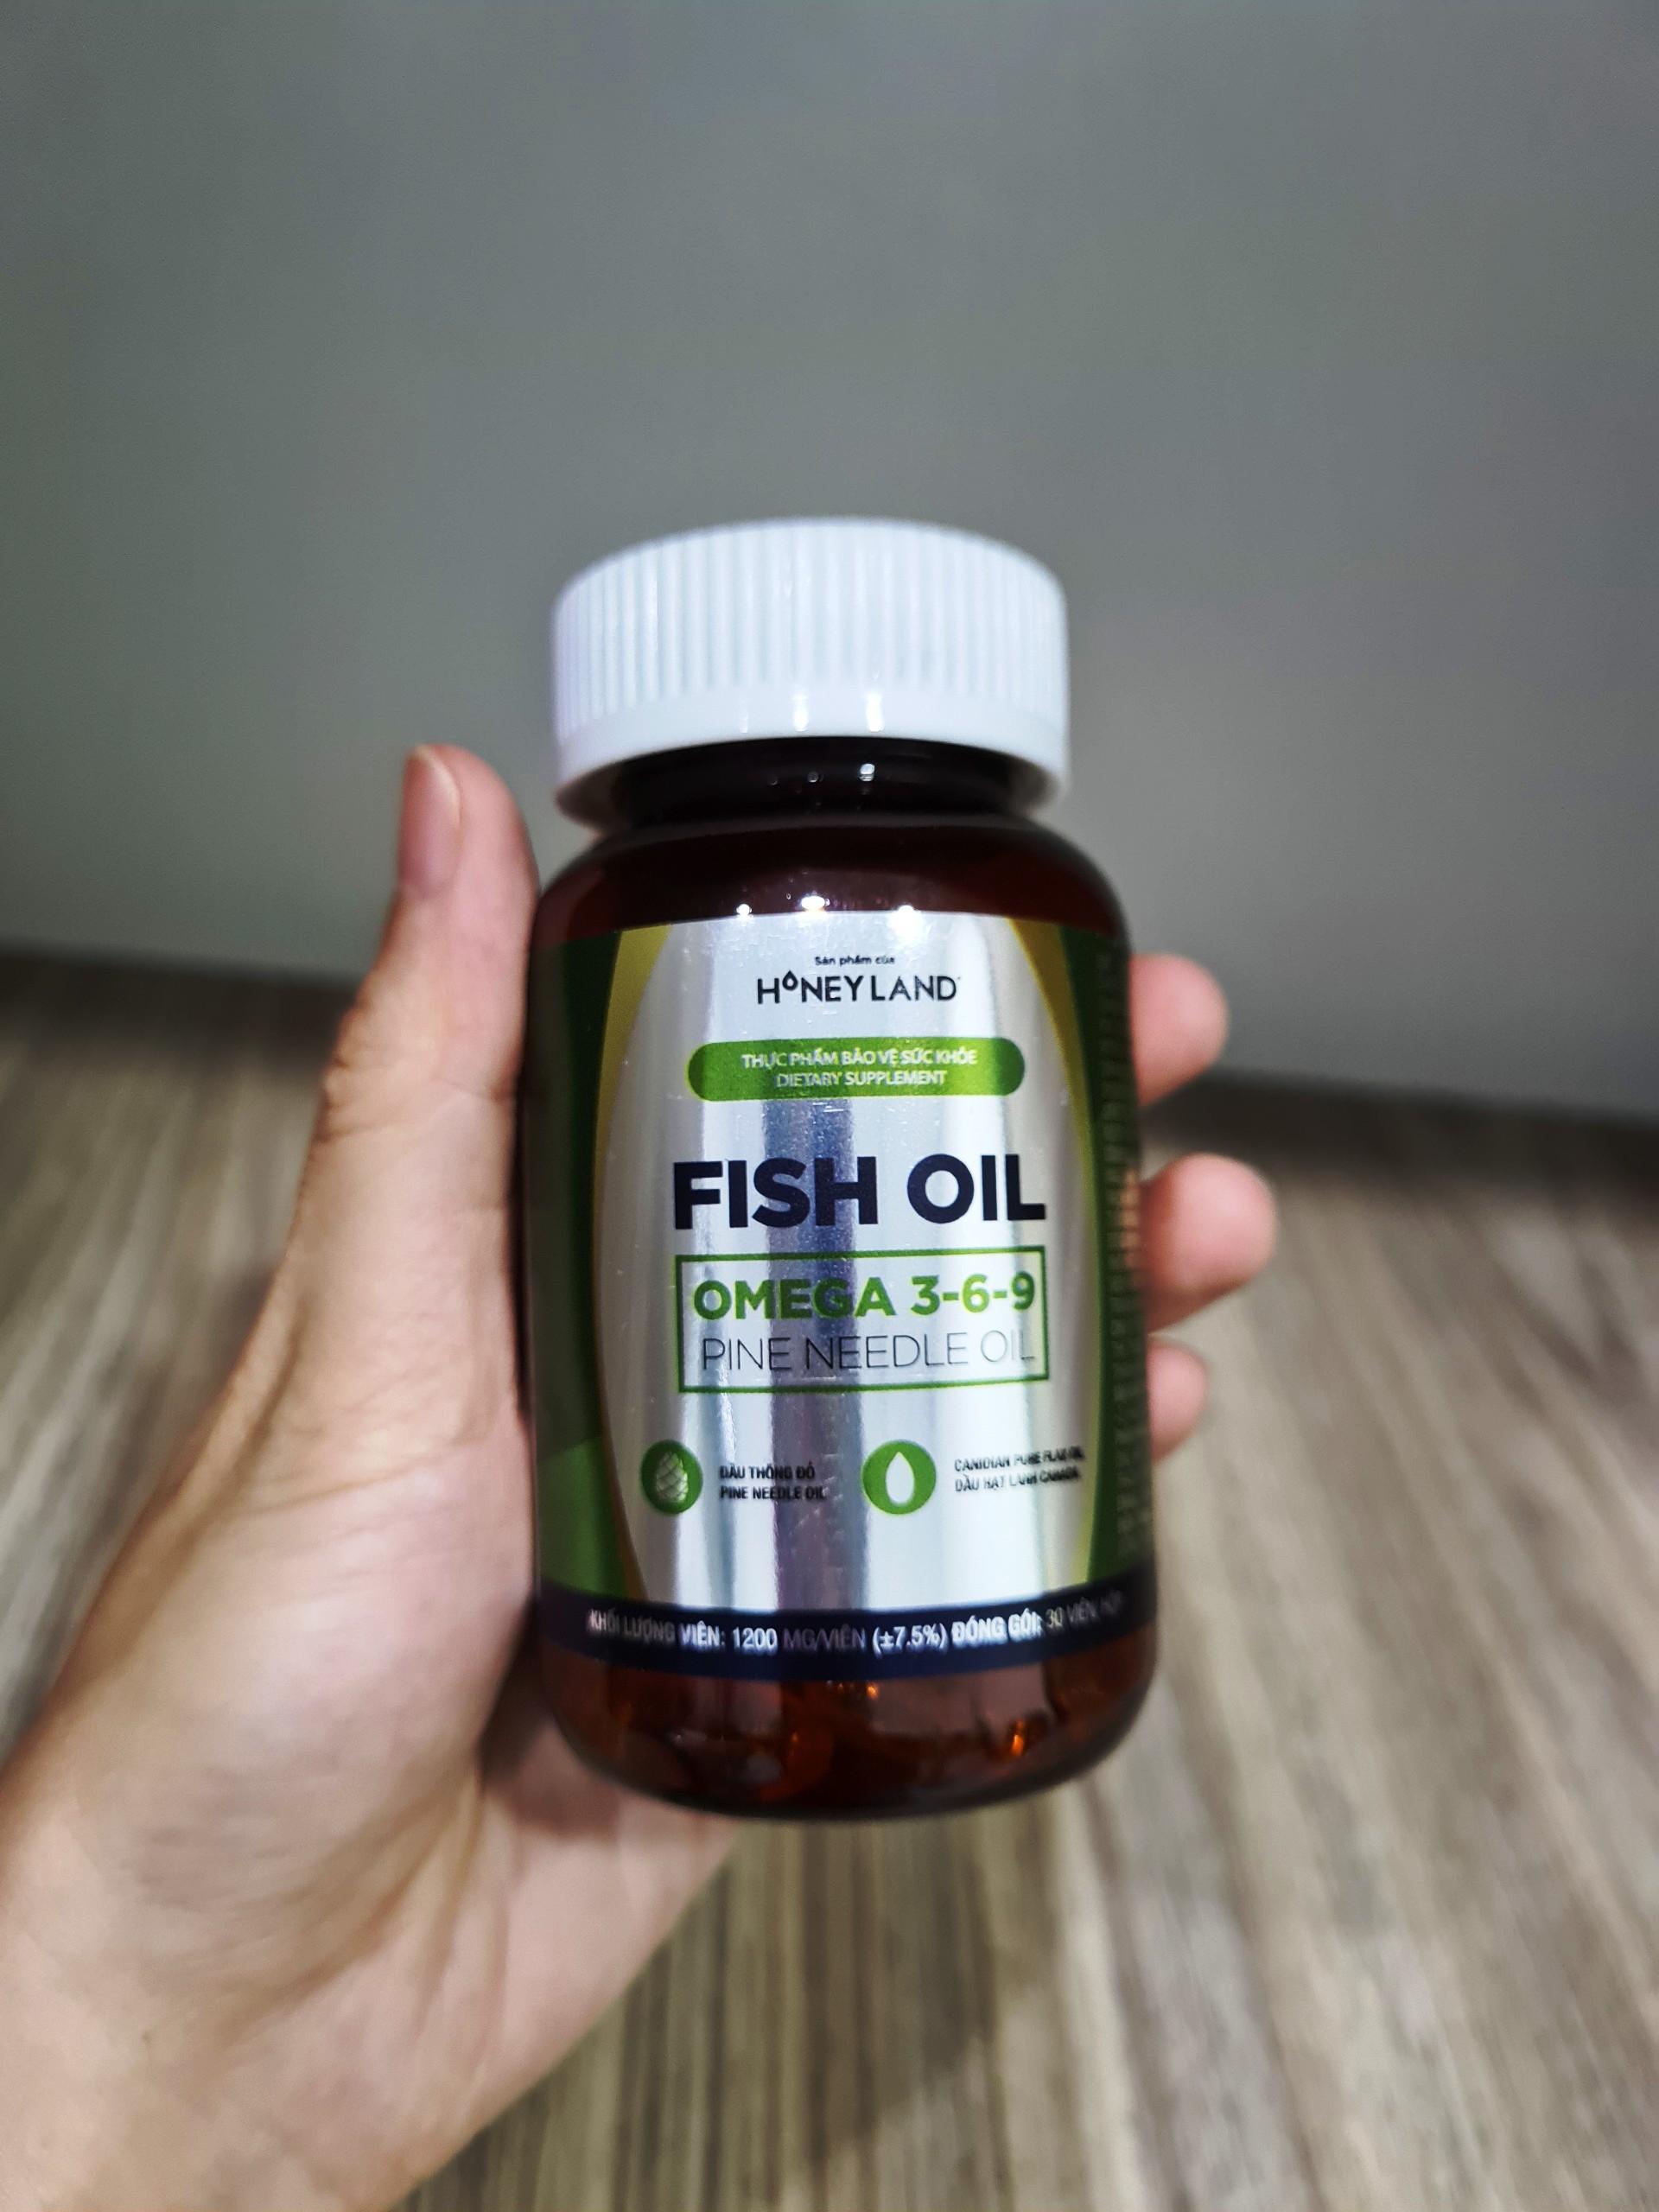 Fish oil Omega 3-6-9 Pine Needle Oil hộp 30 viên